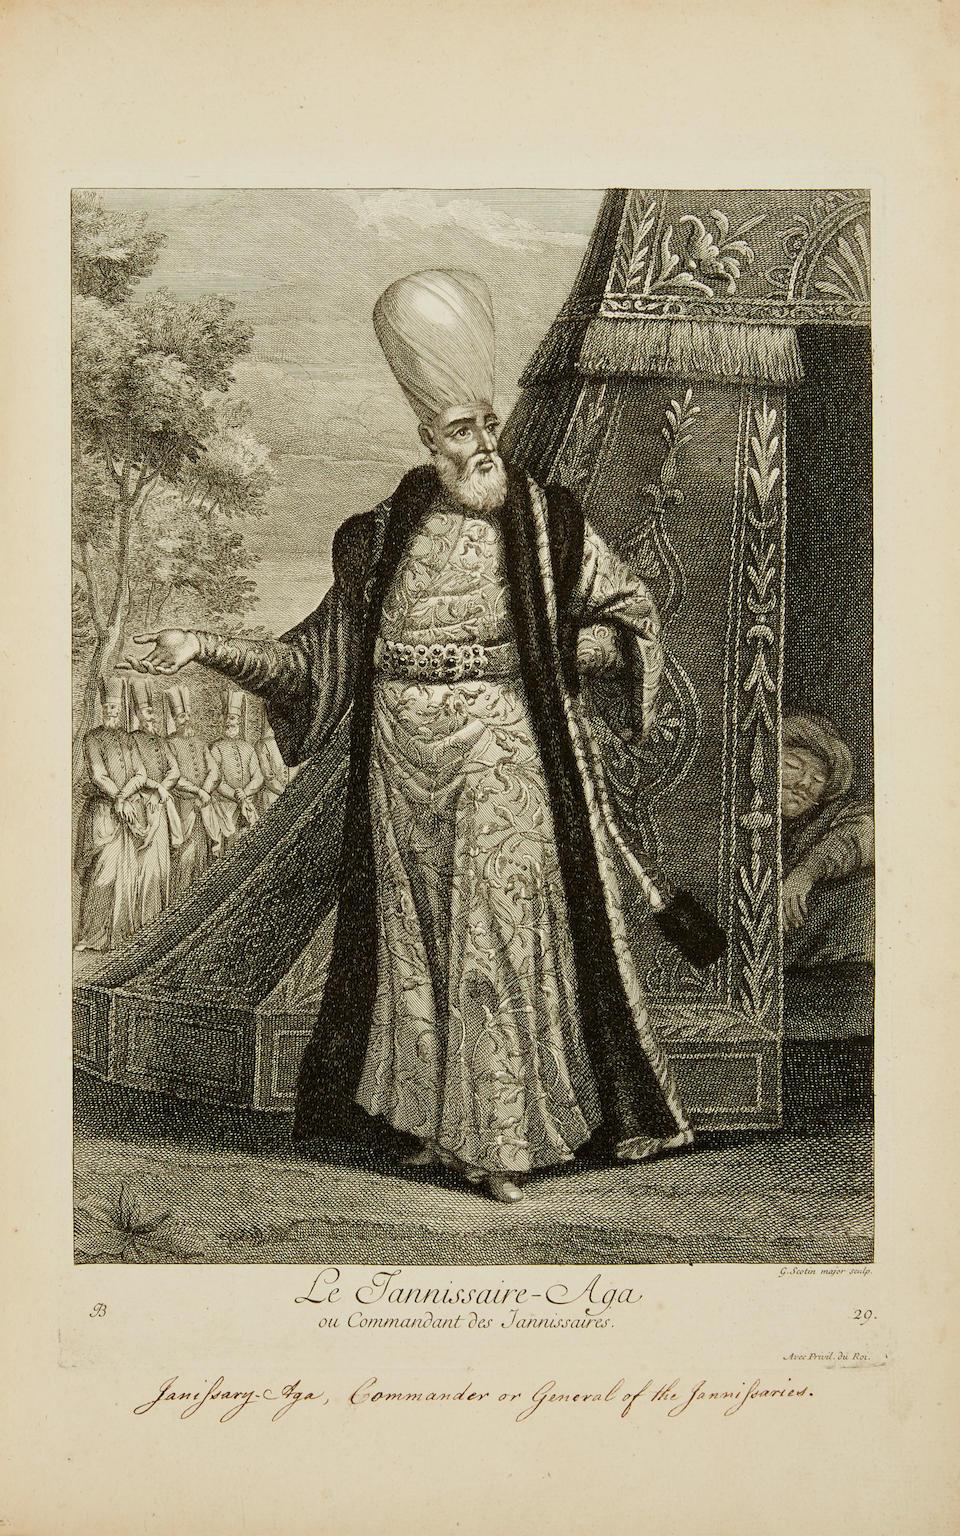 FERRIOL, CHARLES DE. 1637-1722. Recueil de cent estampes representant differentes nations du Levant.... Paris: Basan, 1714 [but c.1756-1768].